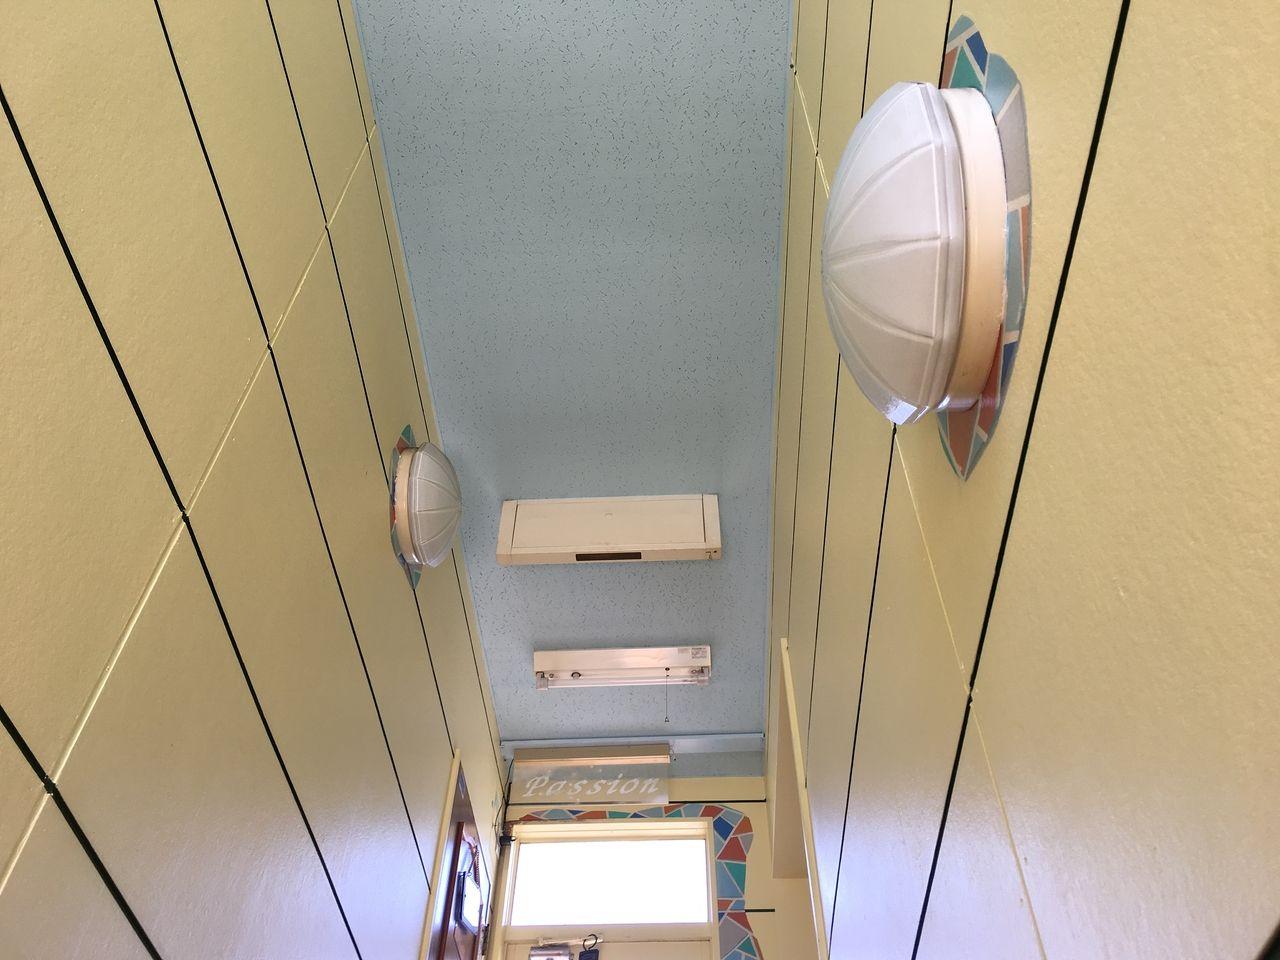 ア・ス・ヴェルデⅢの階段部分の蛍光灯を交換しました!!